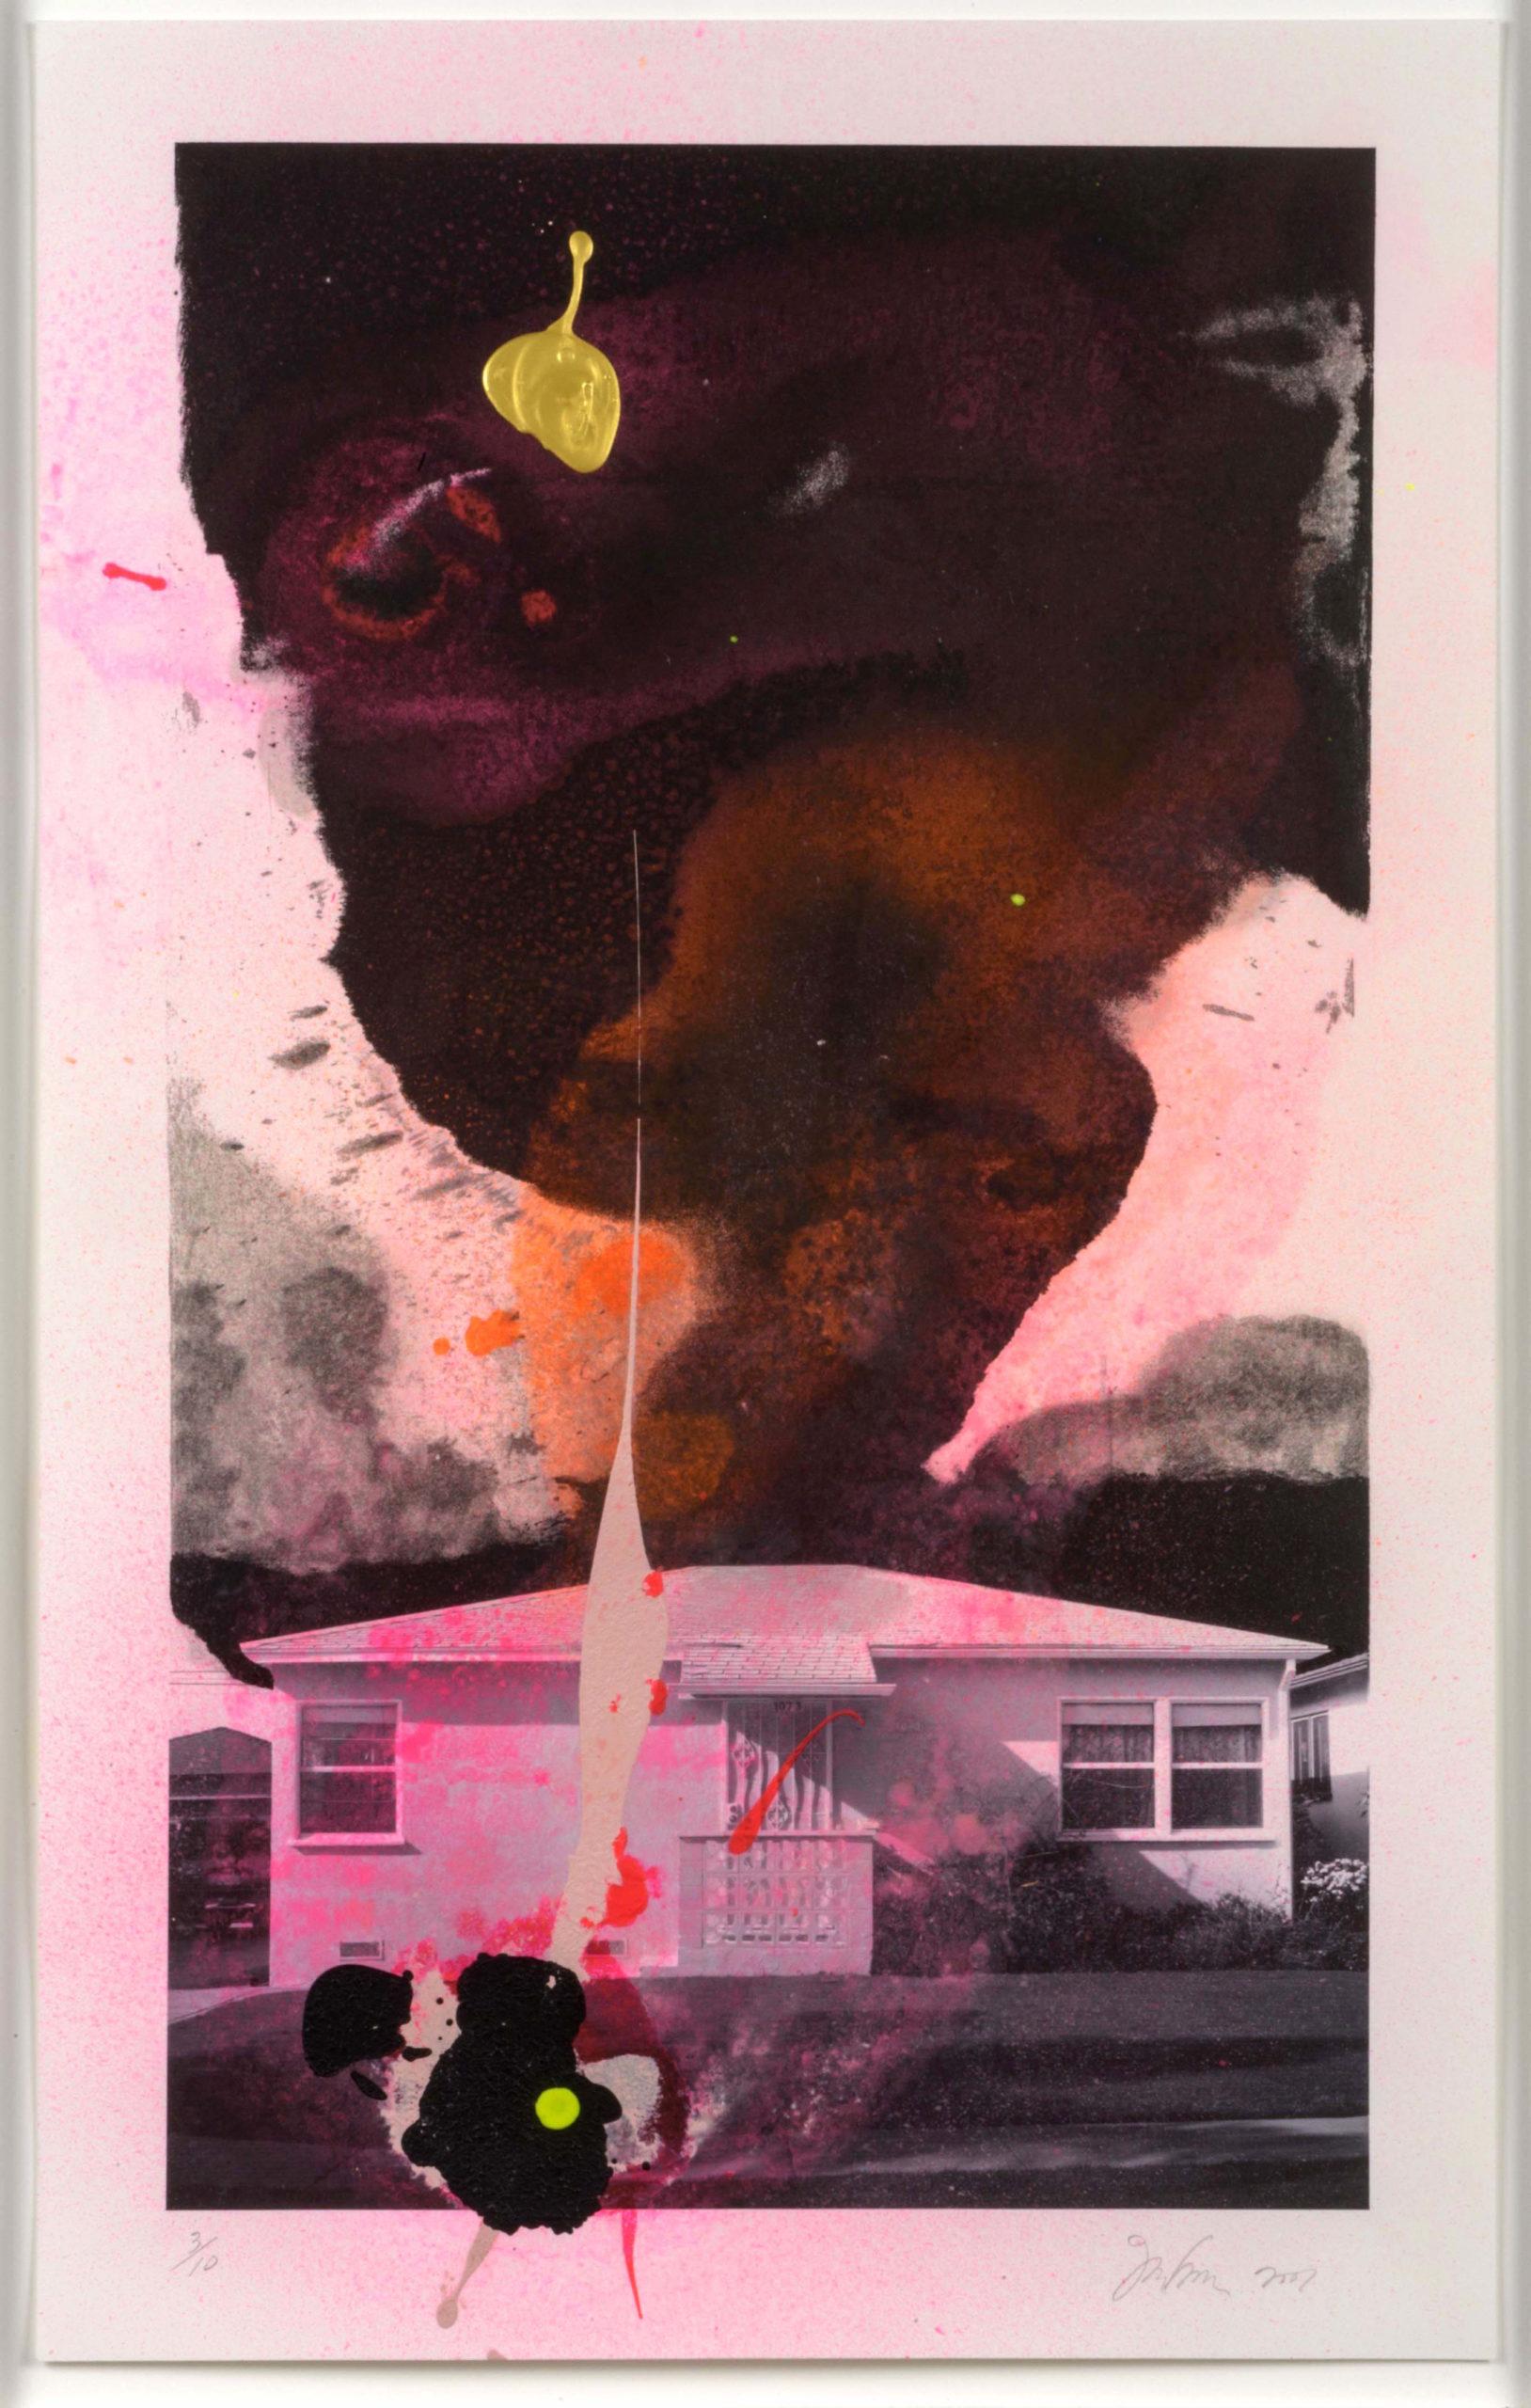 House Tornado (11520) by Joe Goode